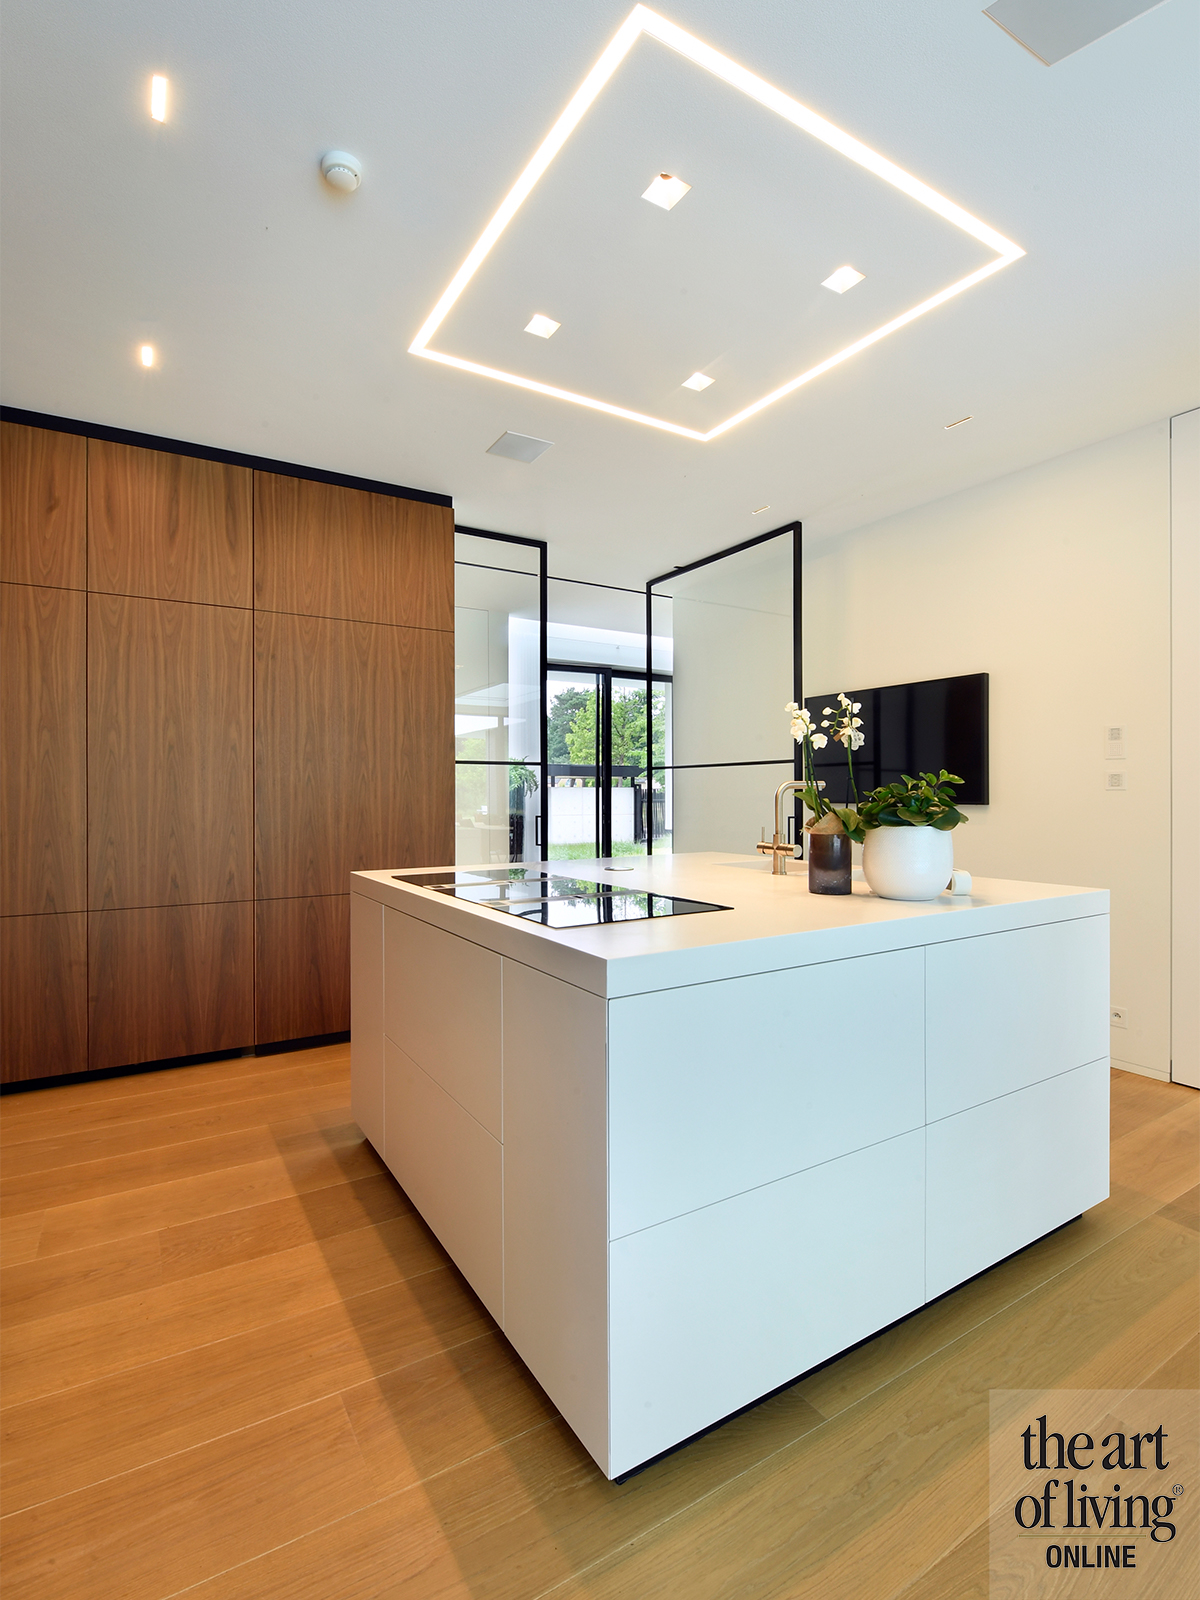 nieuwbouwvilla, n-architecten, the art of living